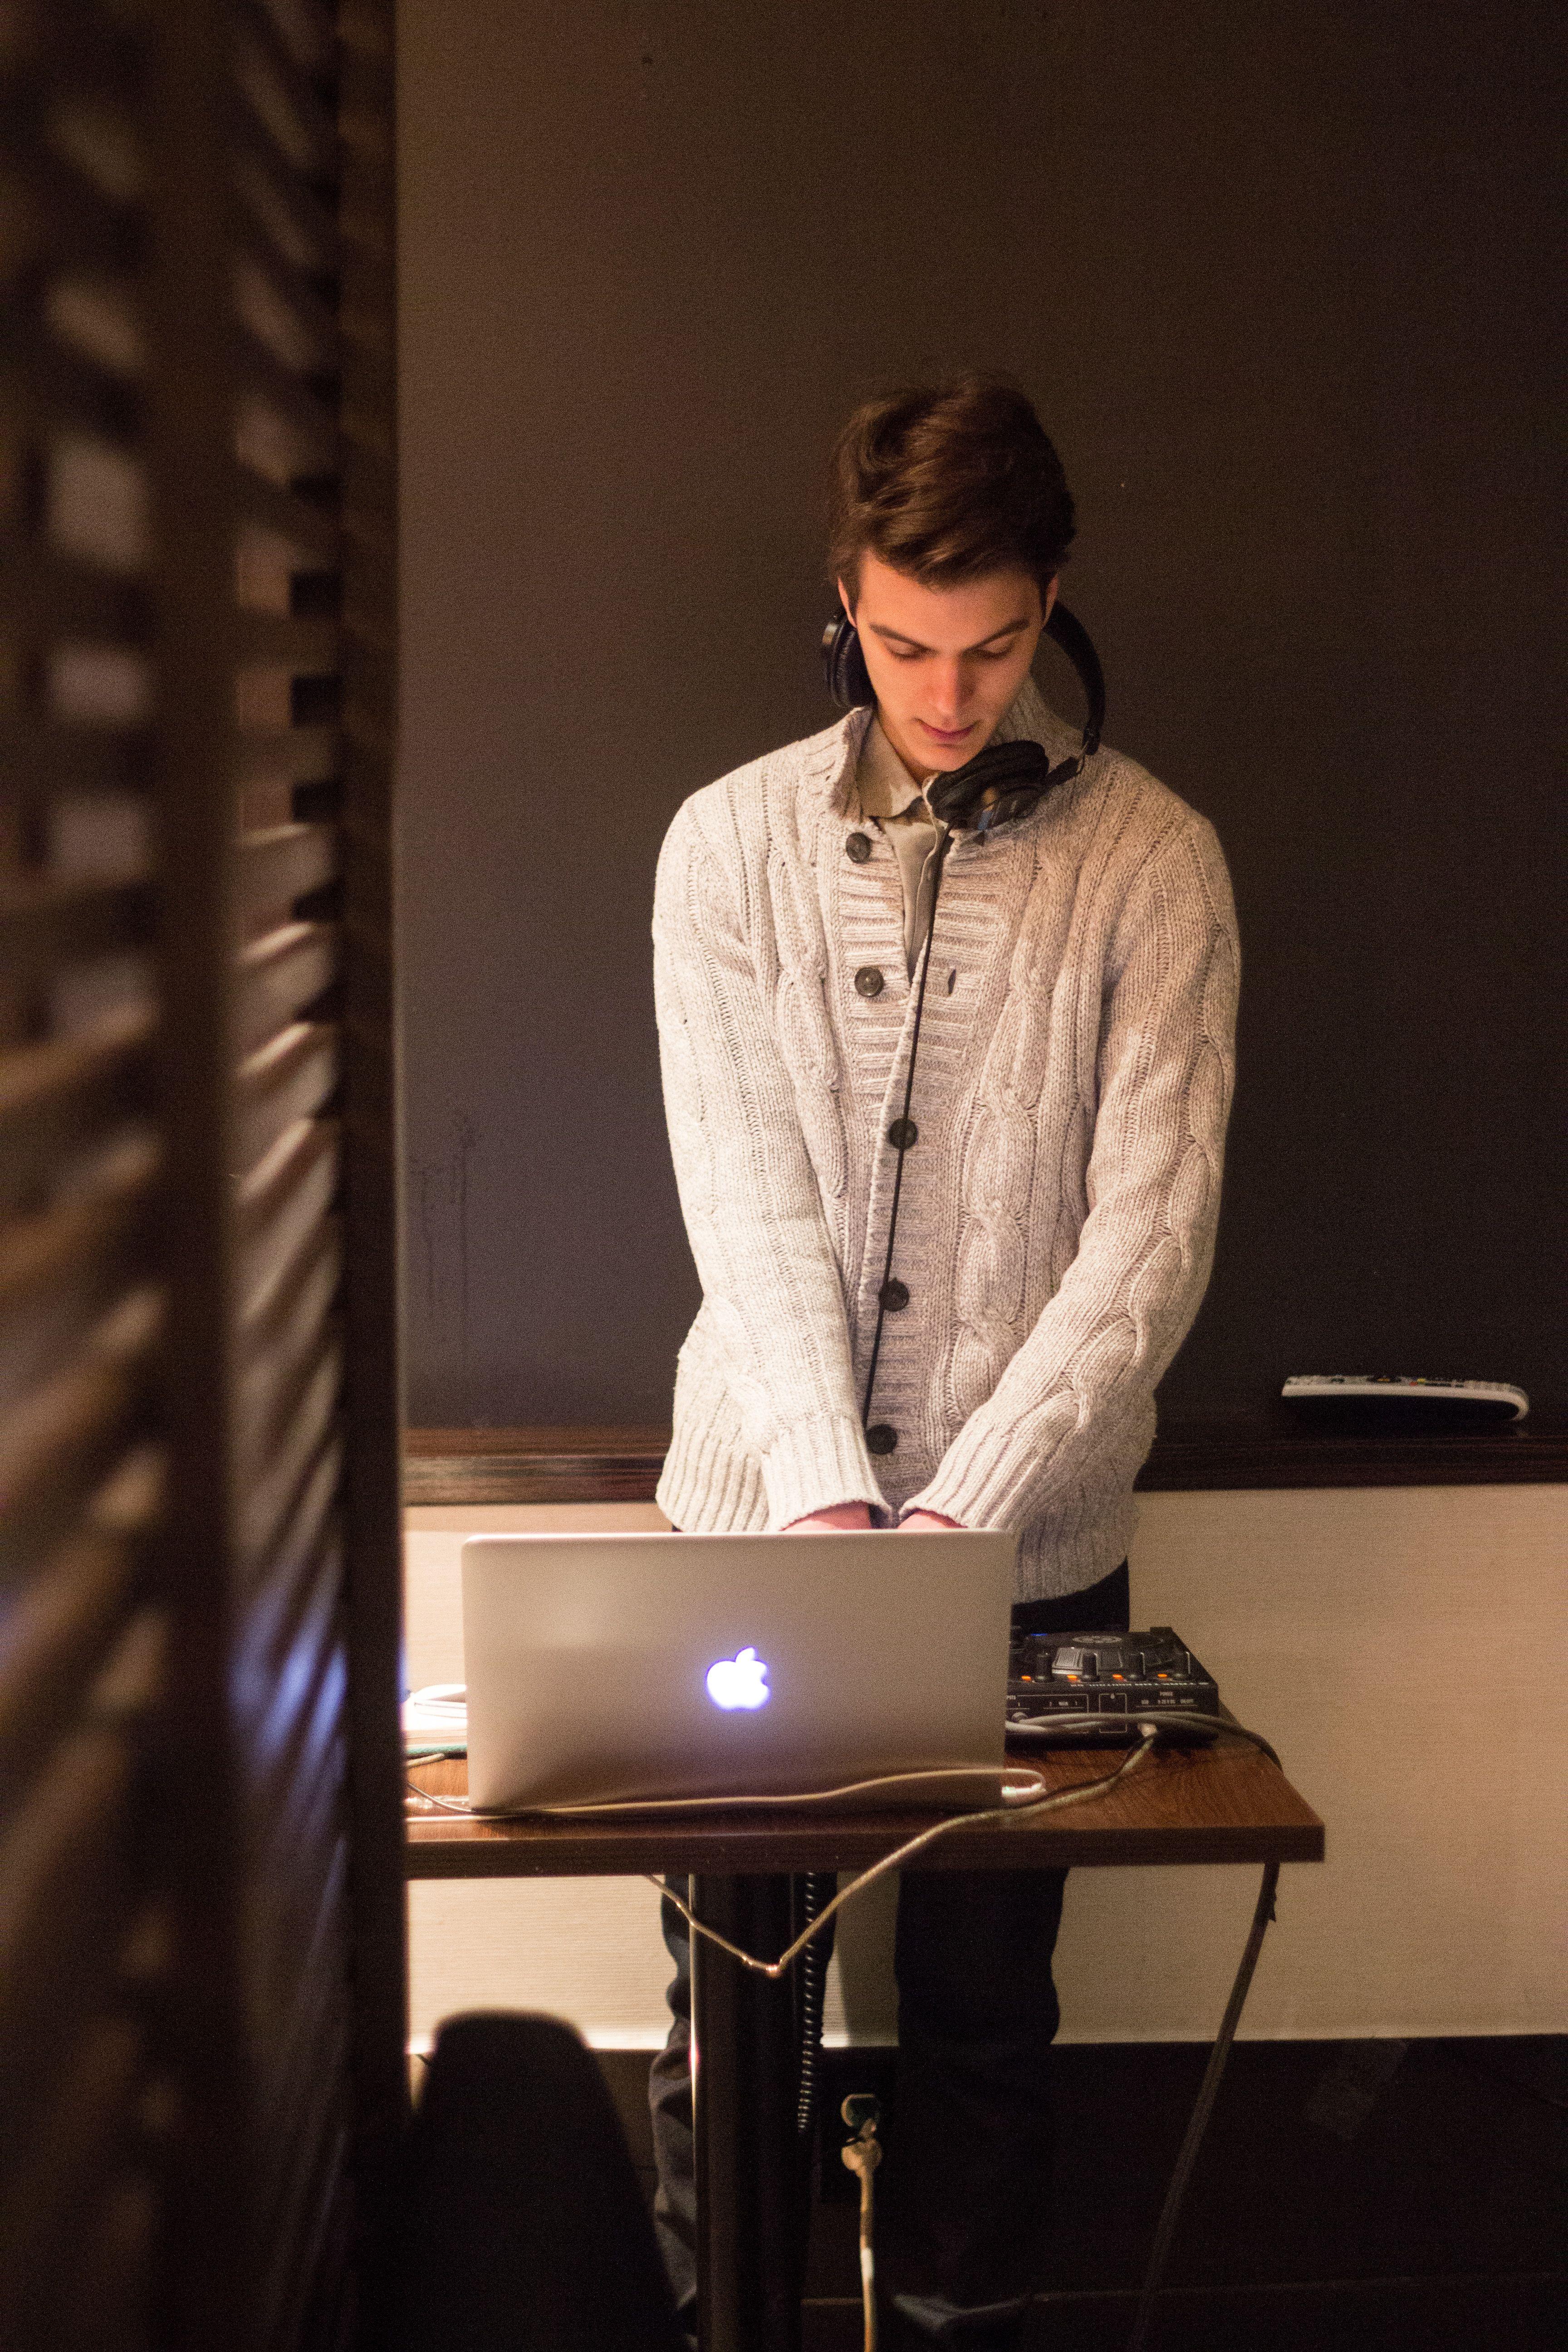 DJ Matias Quarleri